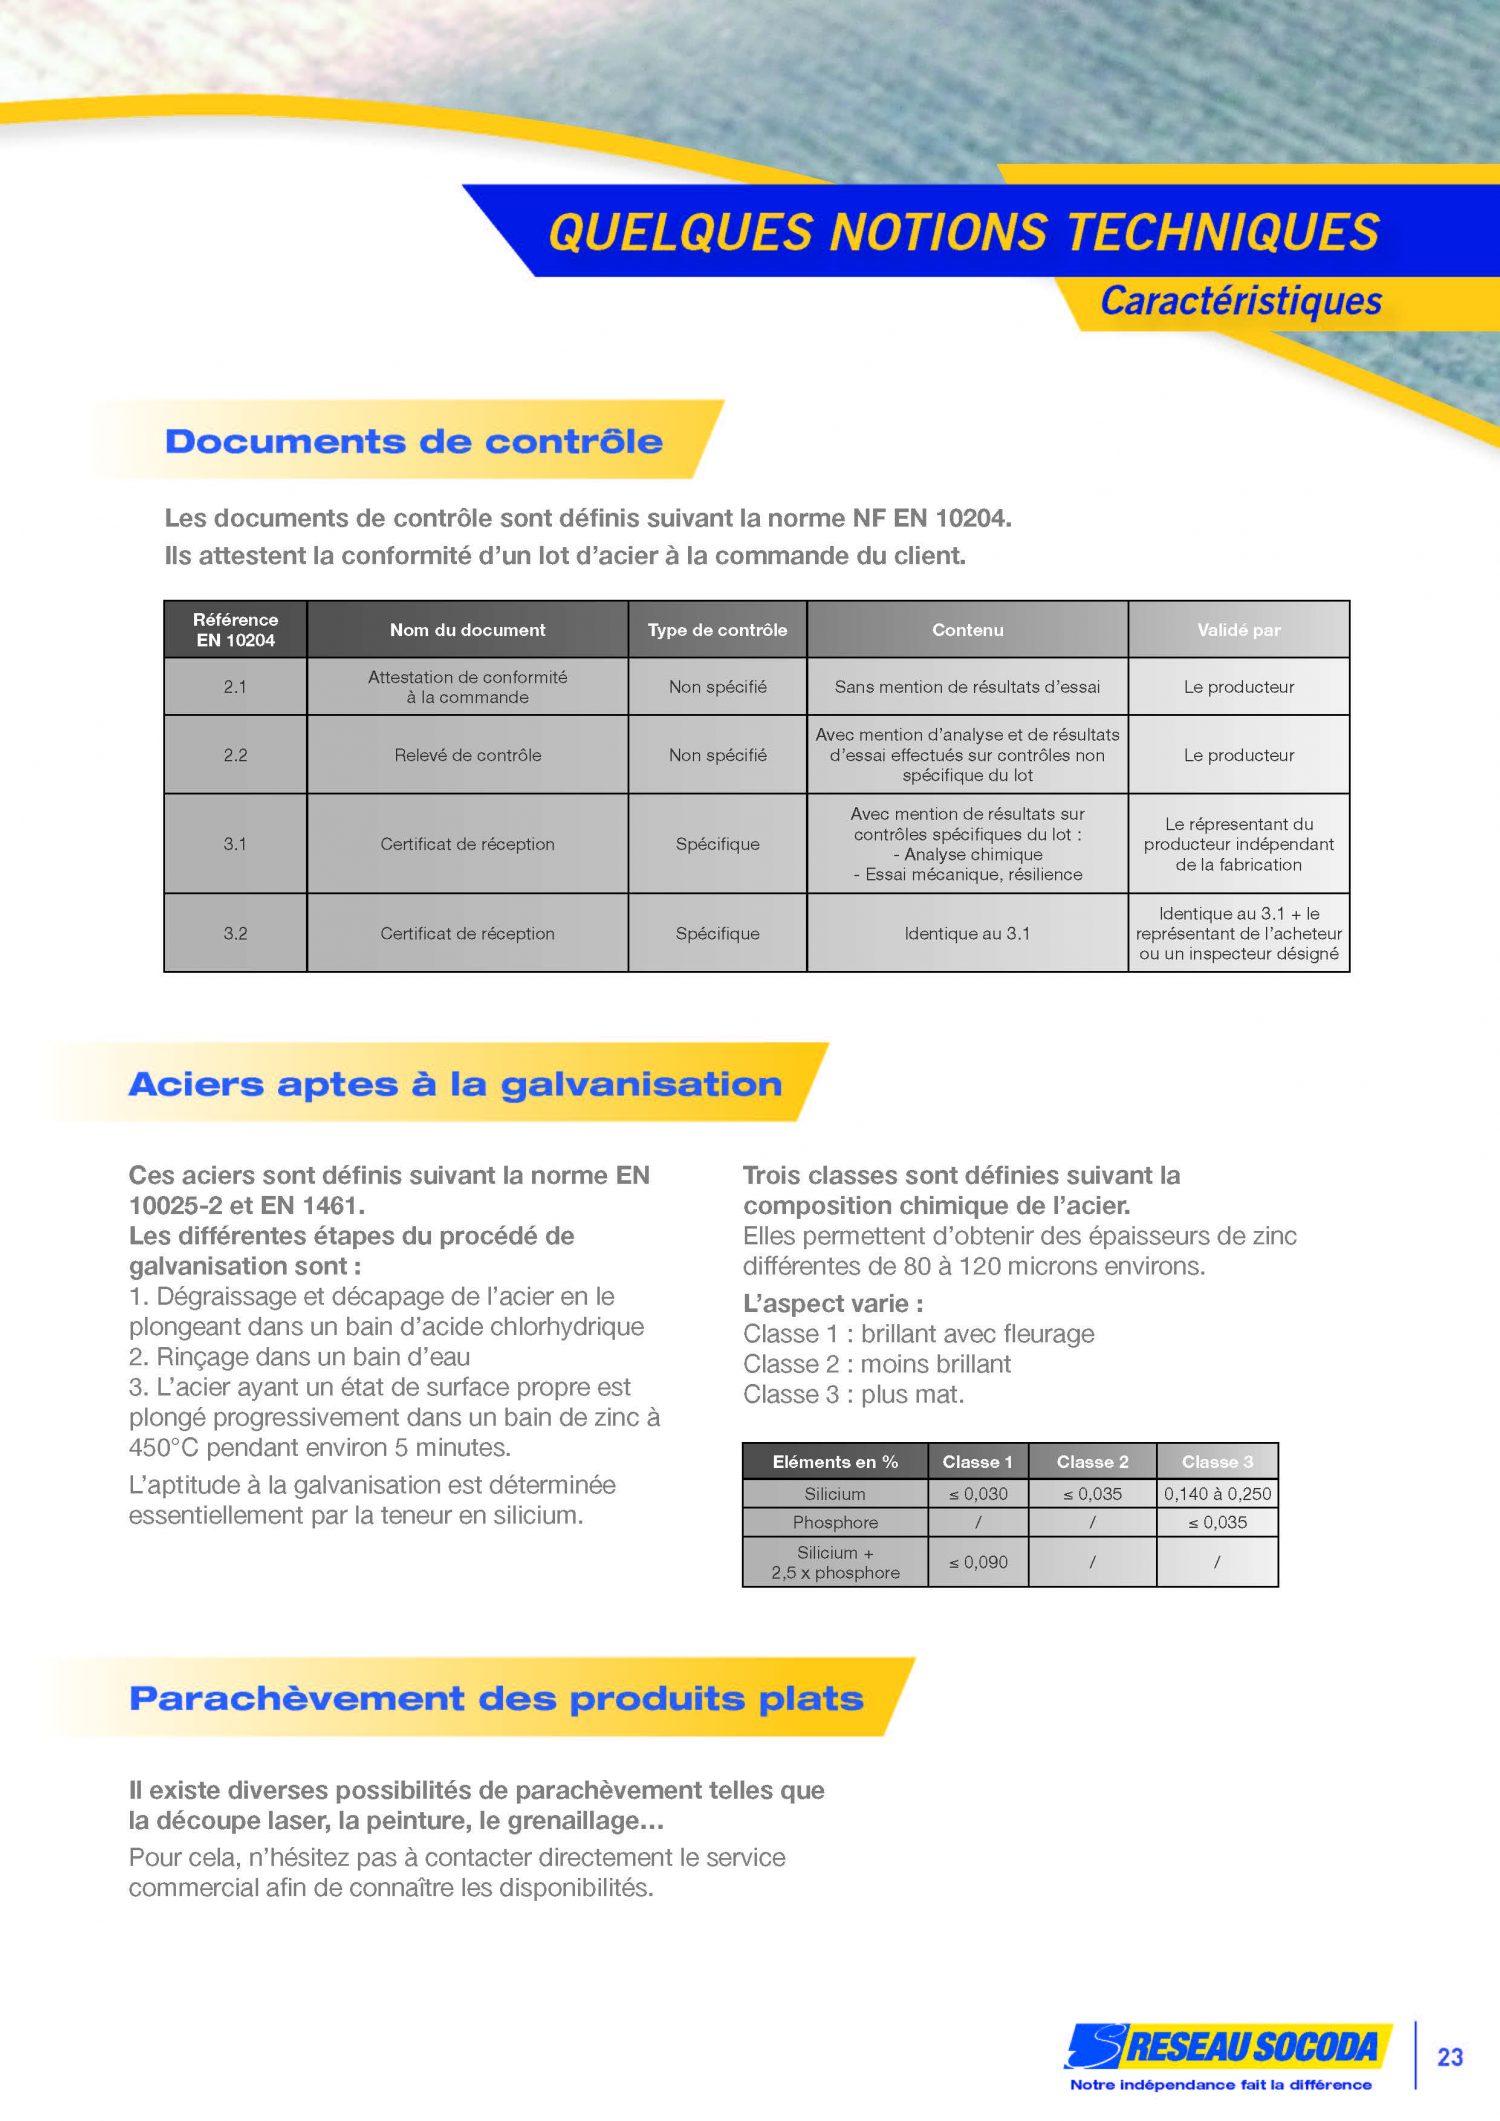 Produits plats_Page_23